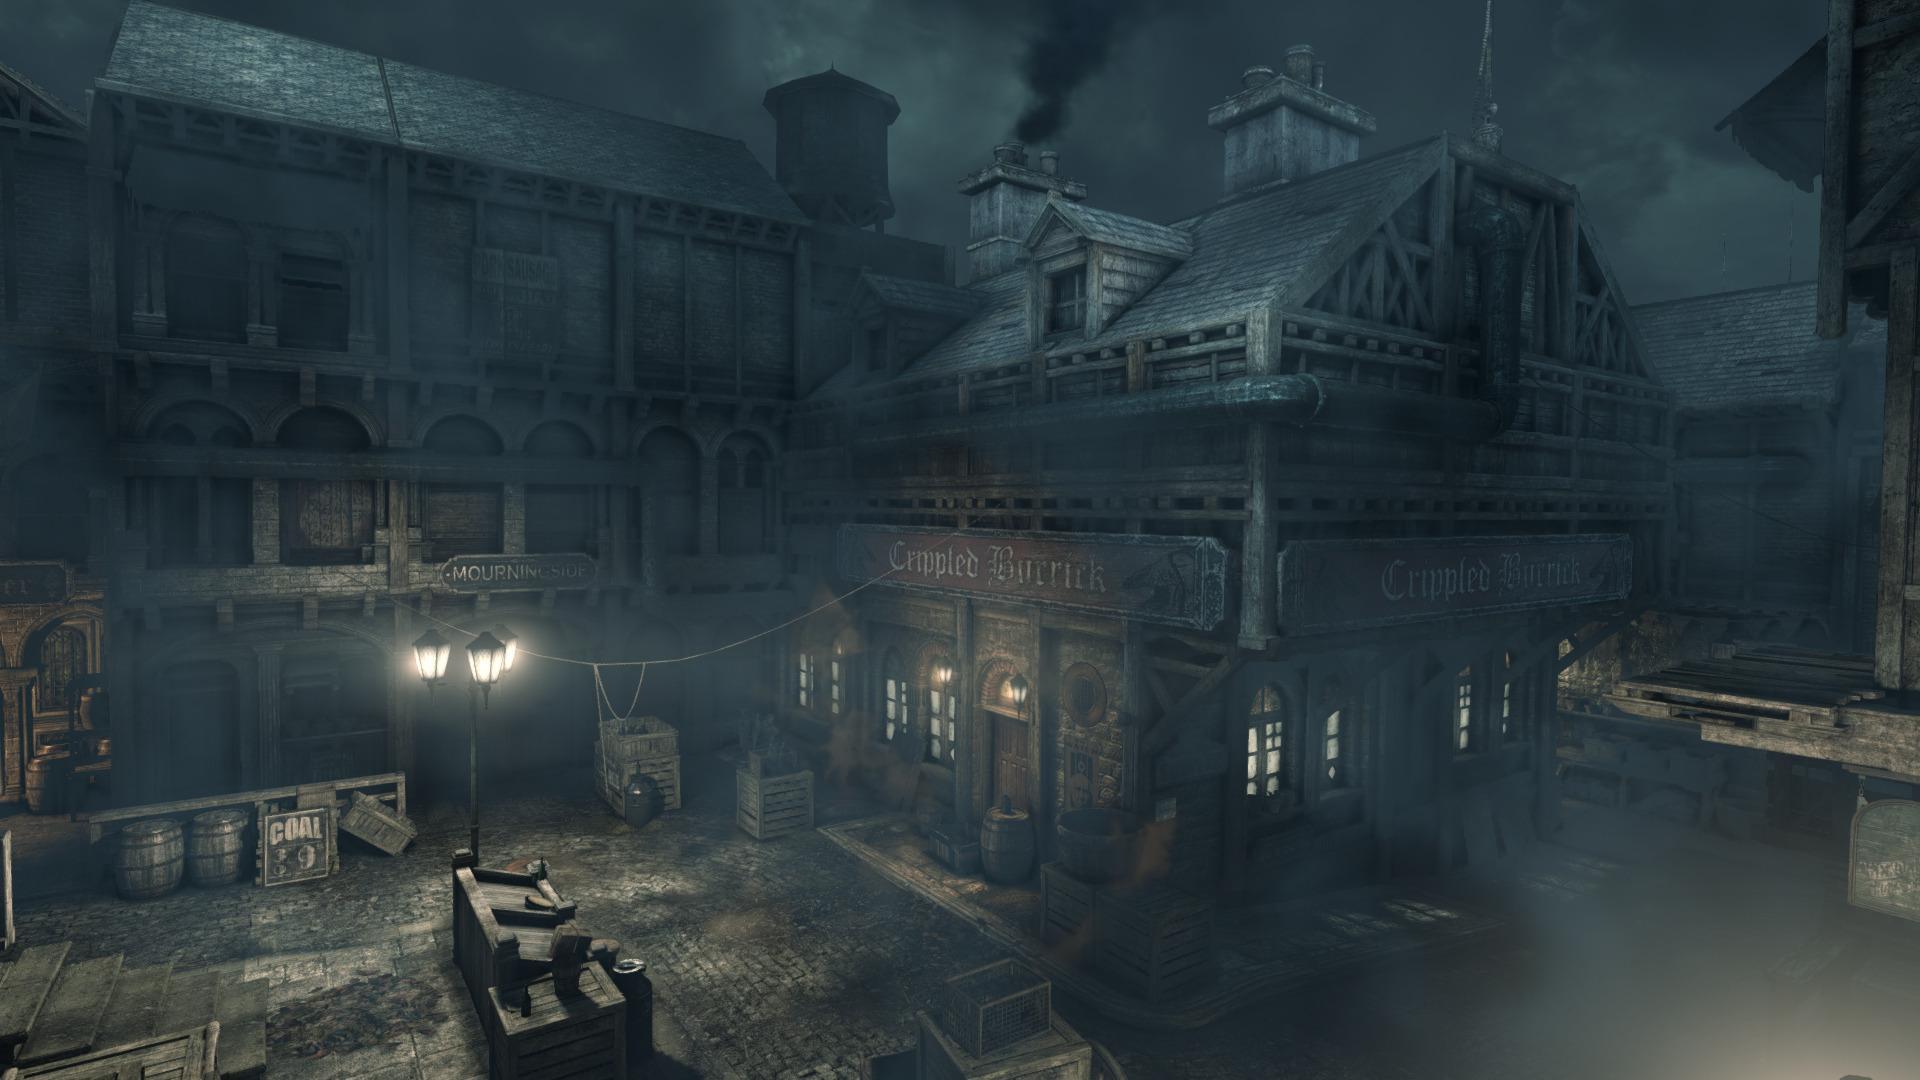 Thief er et av spillene vi ser på, og preges av sniking, mørke kulisser og en seriøs tone.